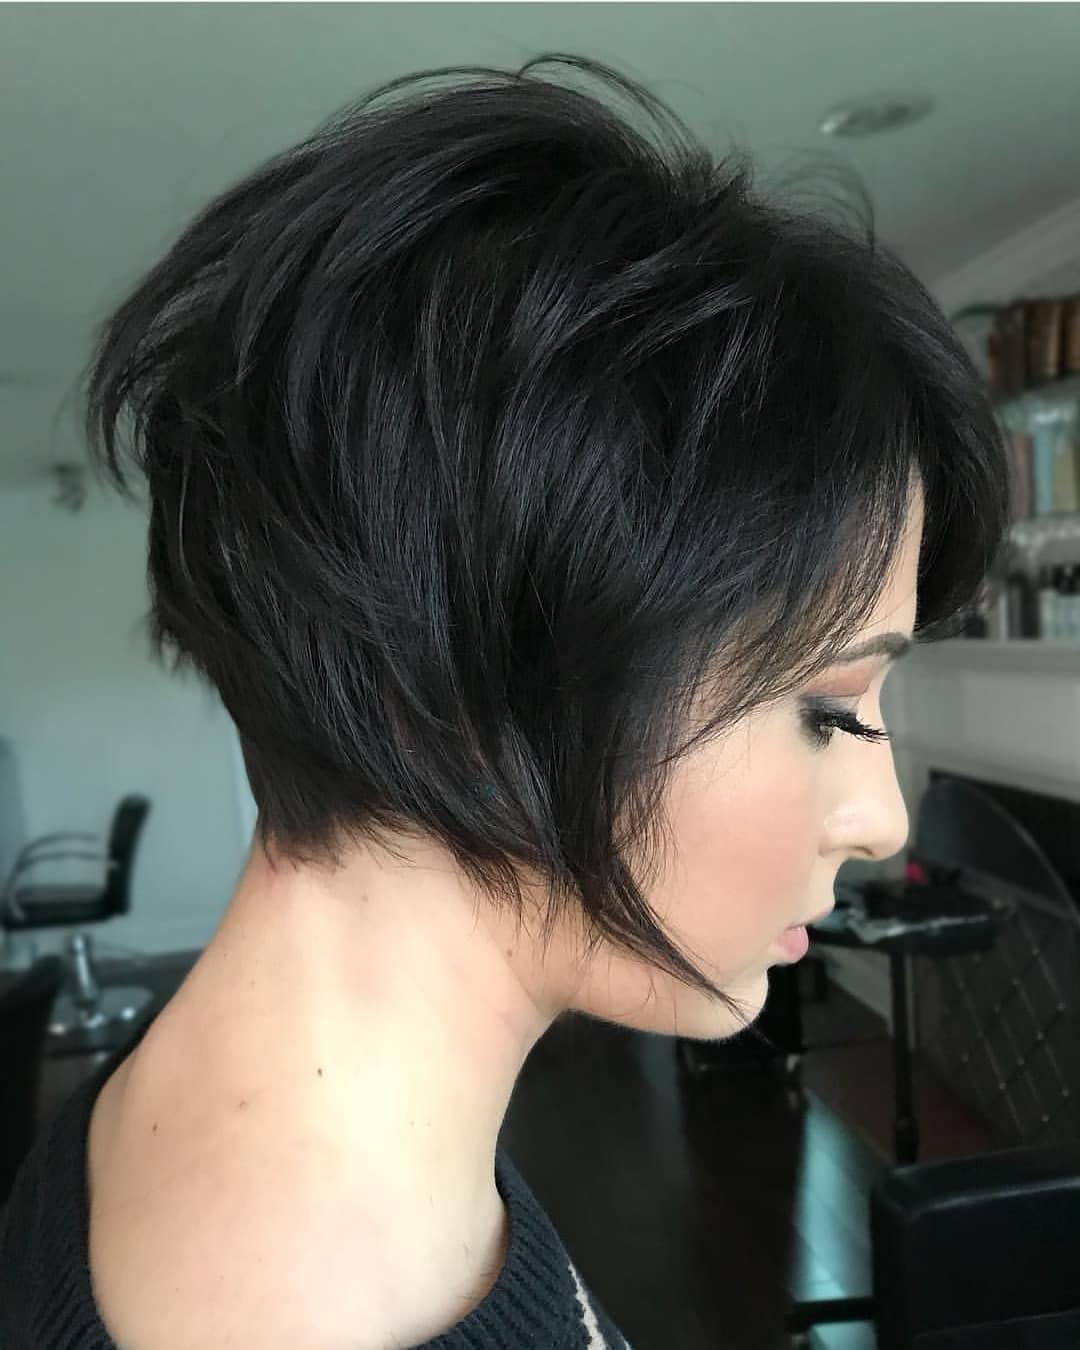 Modern Short Bob Haircut, Easy Short Hair Styles for Women, Girls